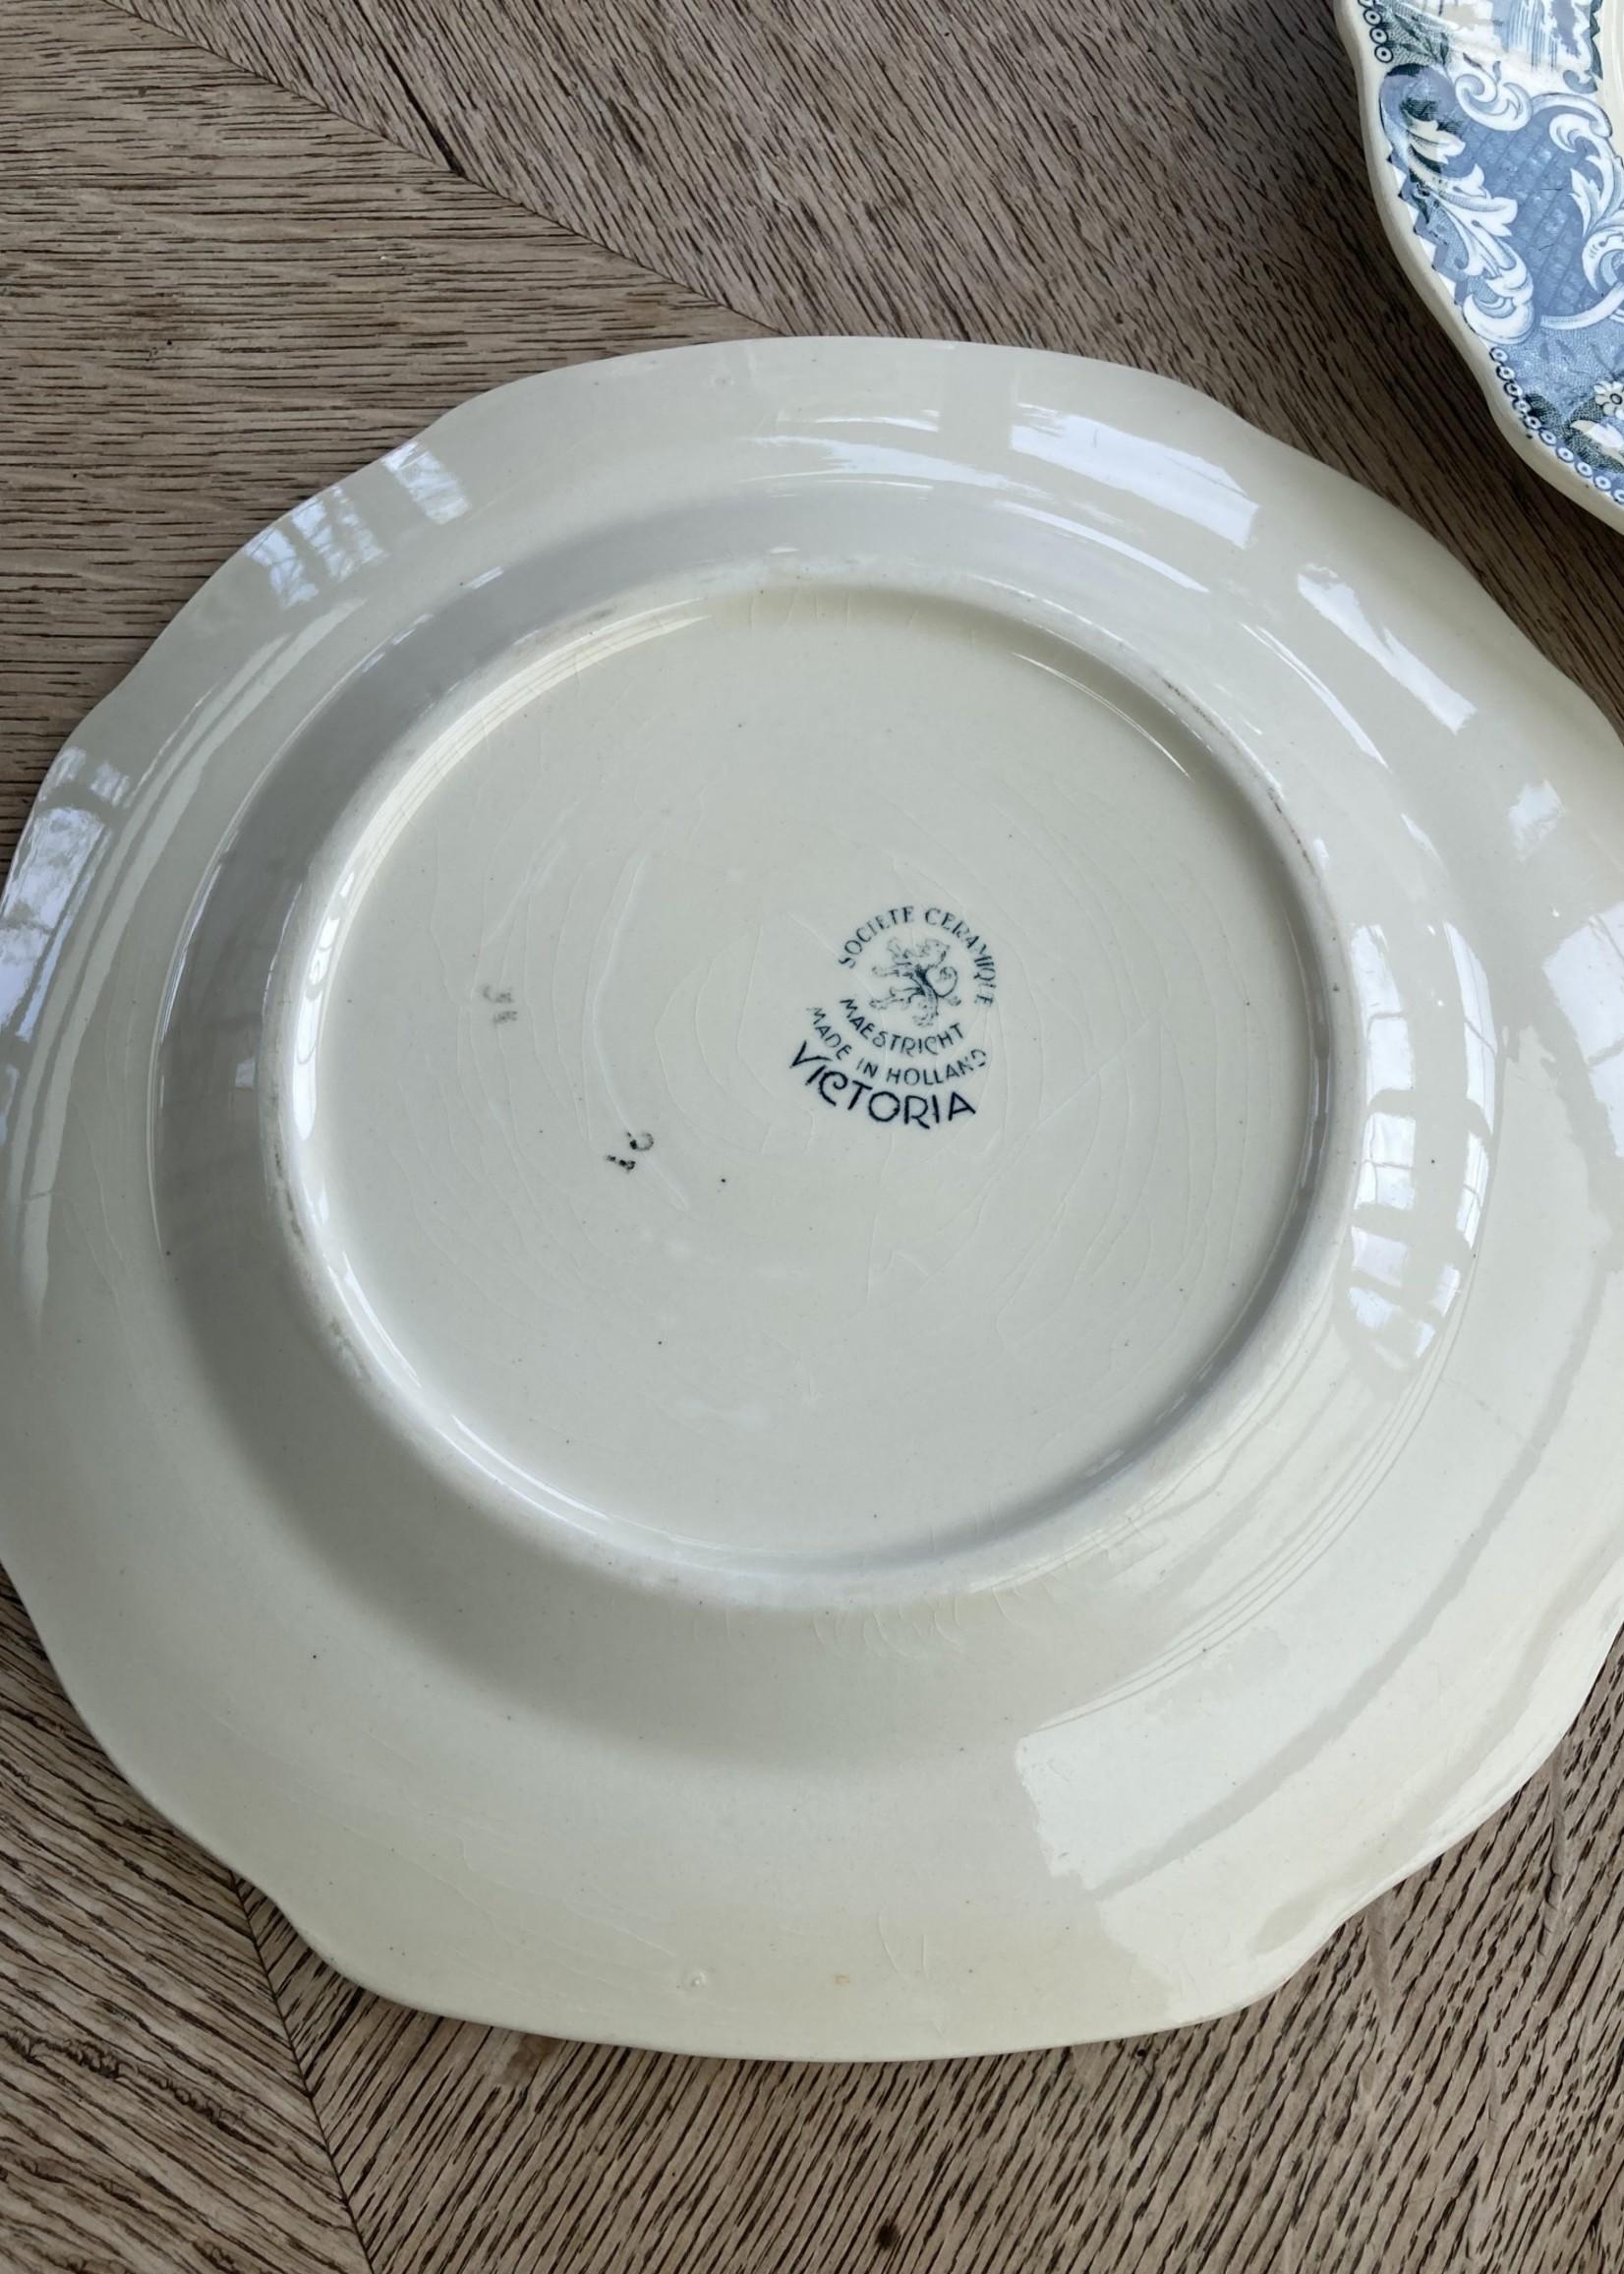 Small plates Blue Victoria